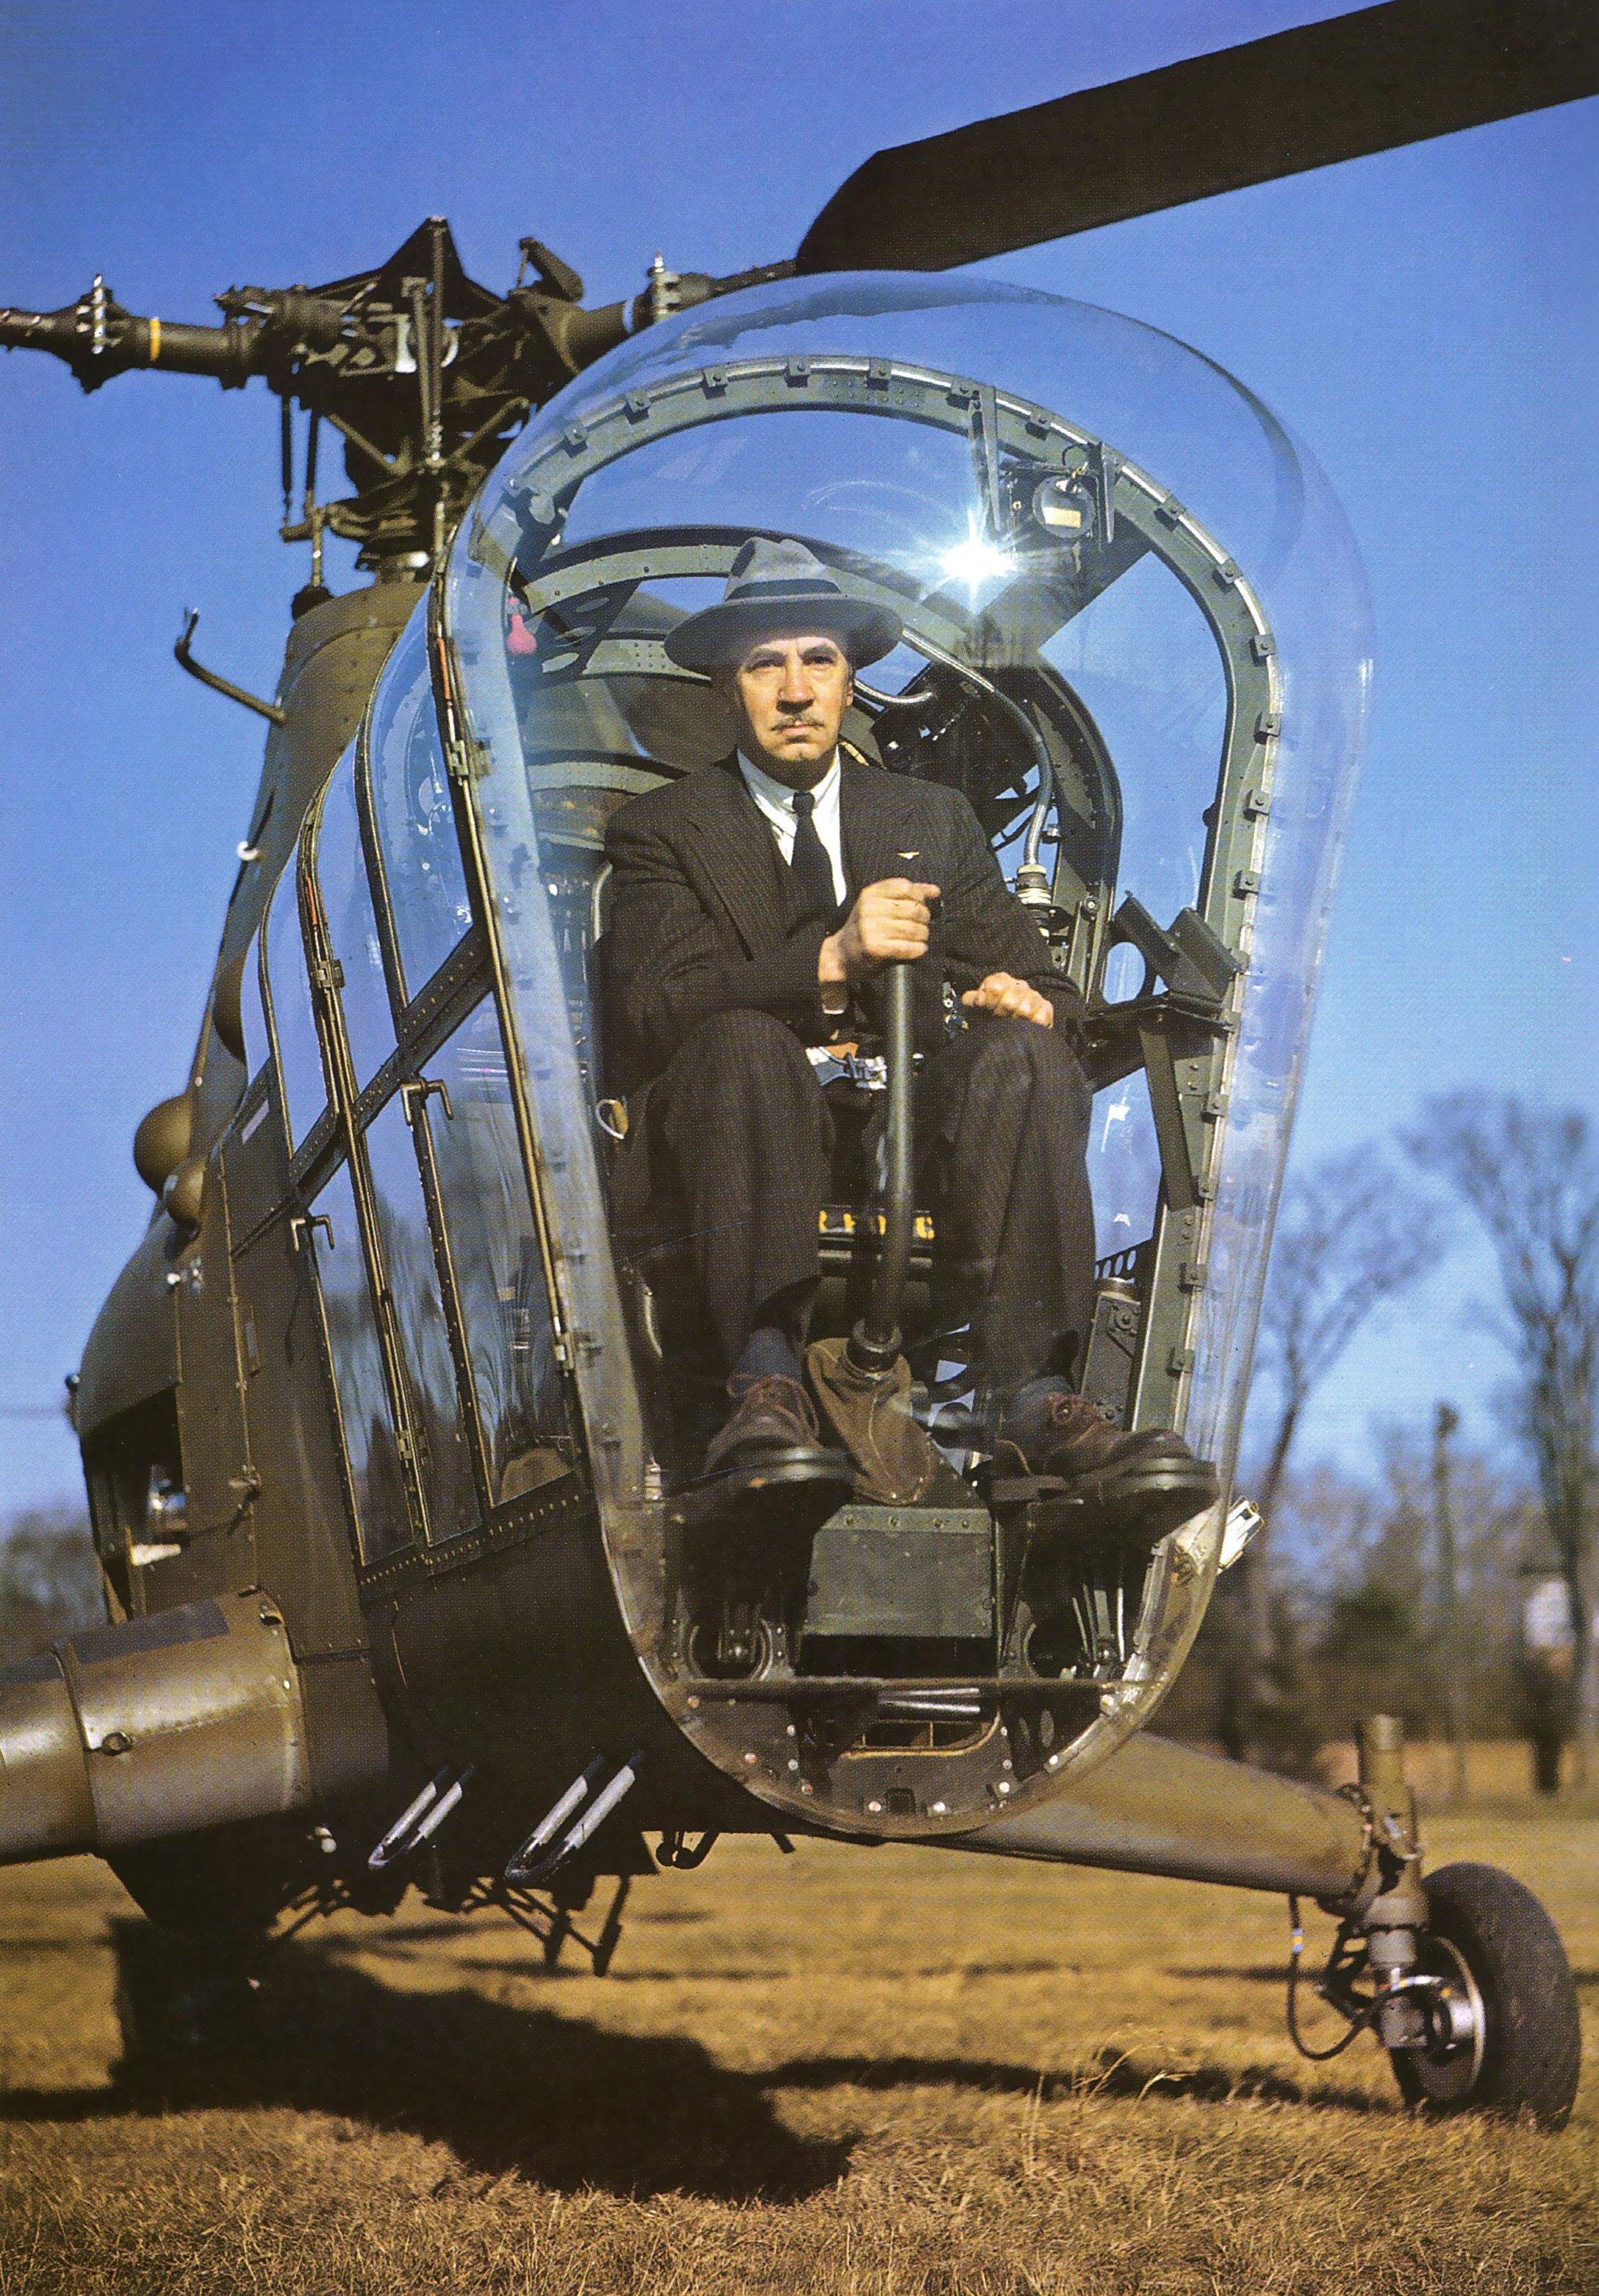 подумать, что вертолет сикорского приколы картинки восхищались